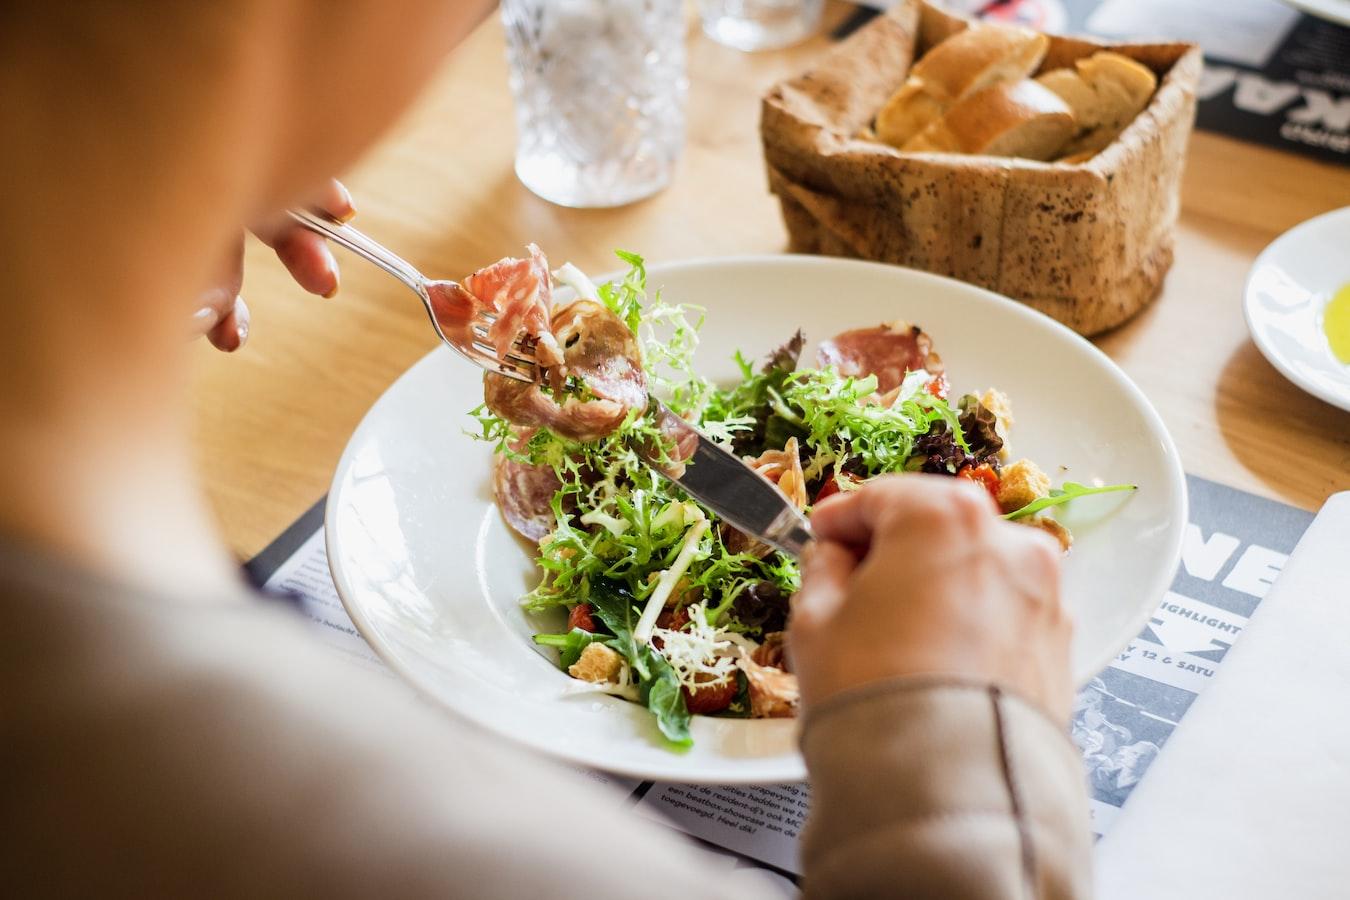 愛吃早午餐、宵夜當心了!研究:進食時間紊亂增加心臟病風險